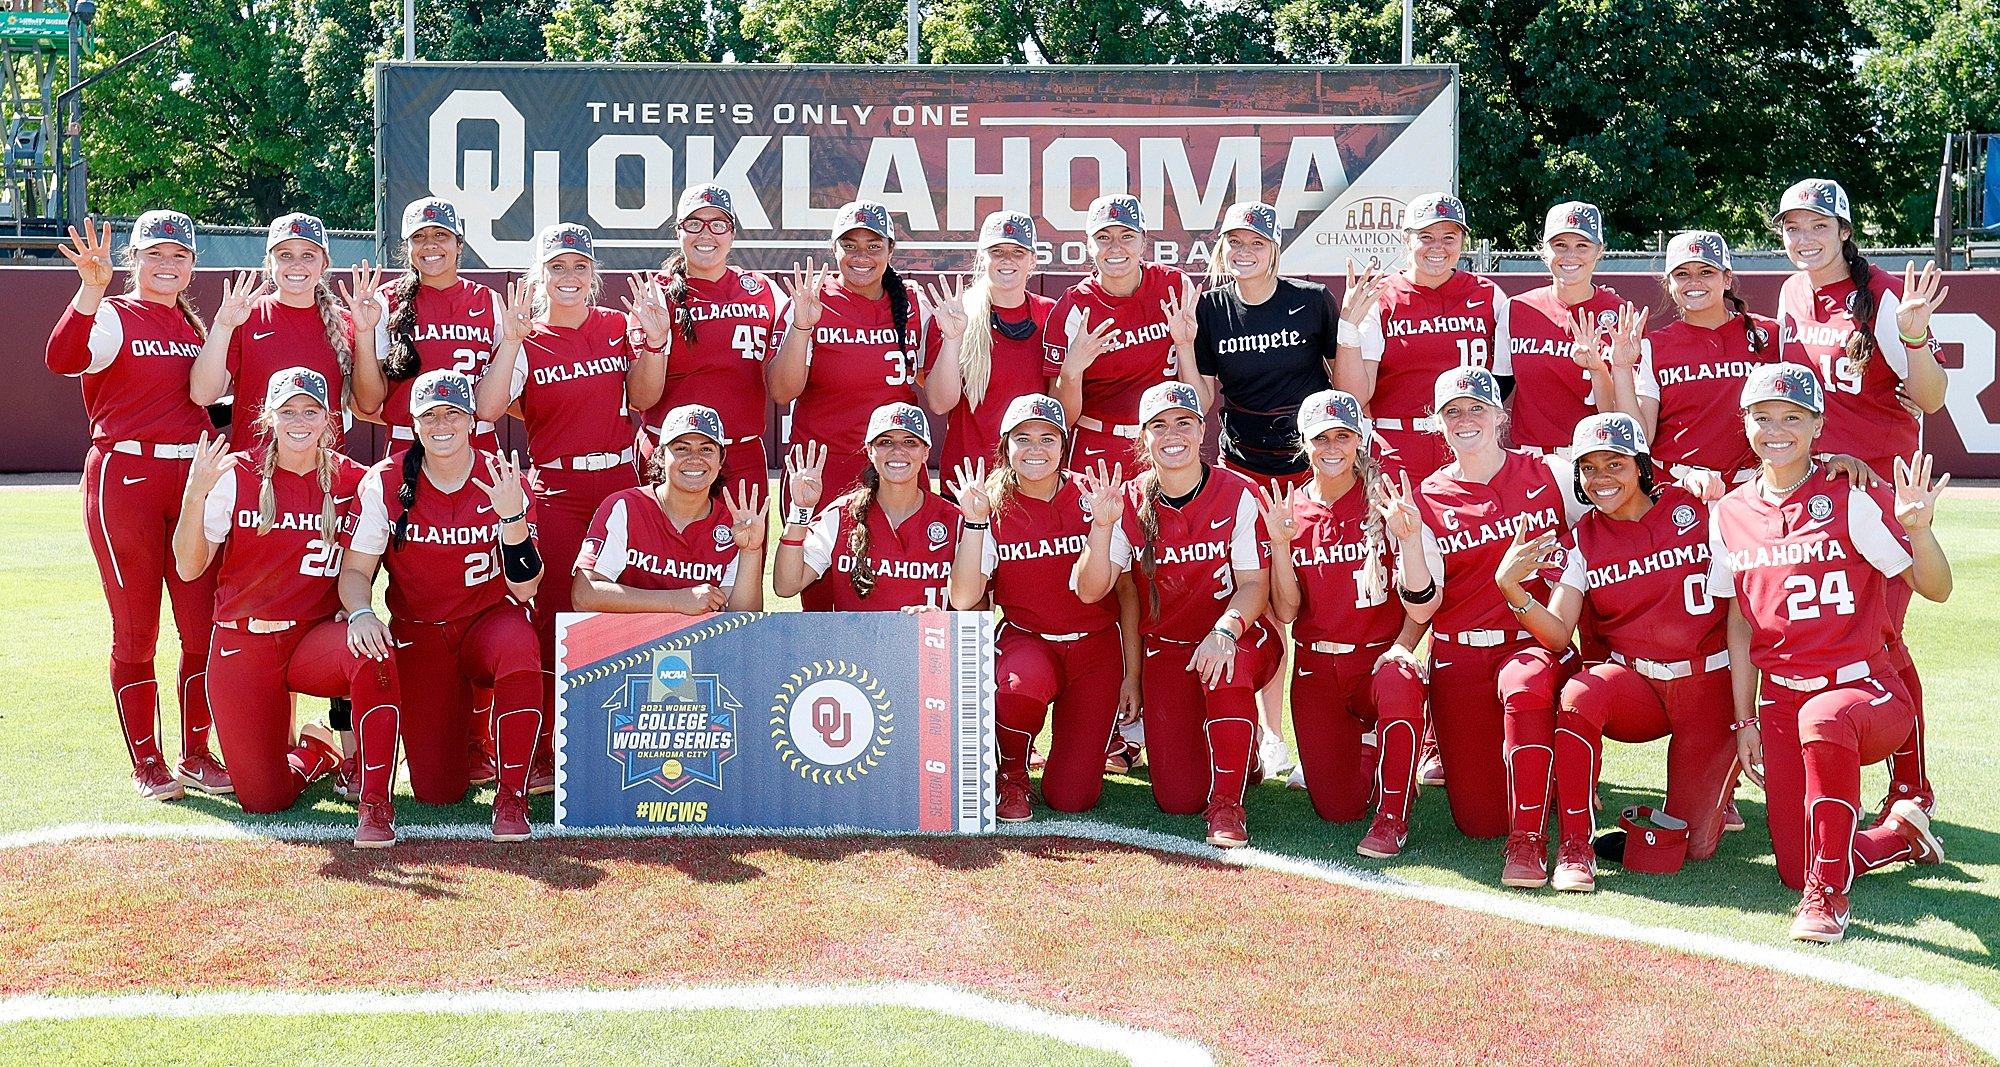 image of ou softball team 2021